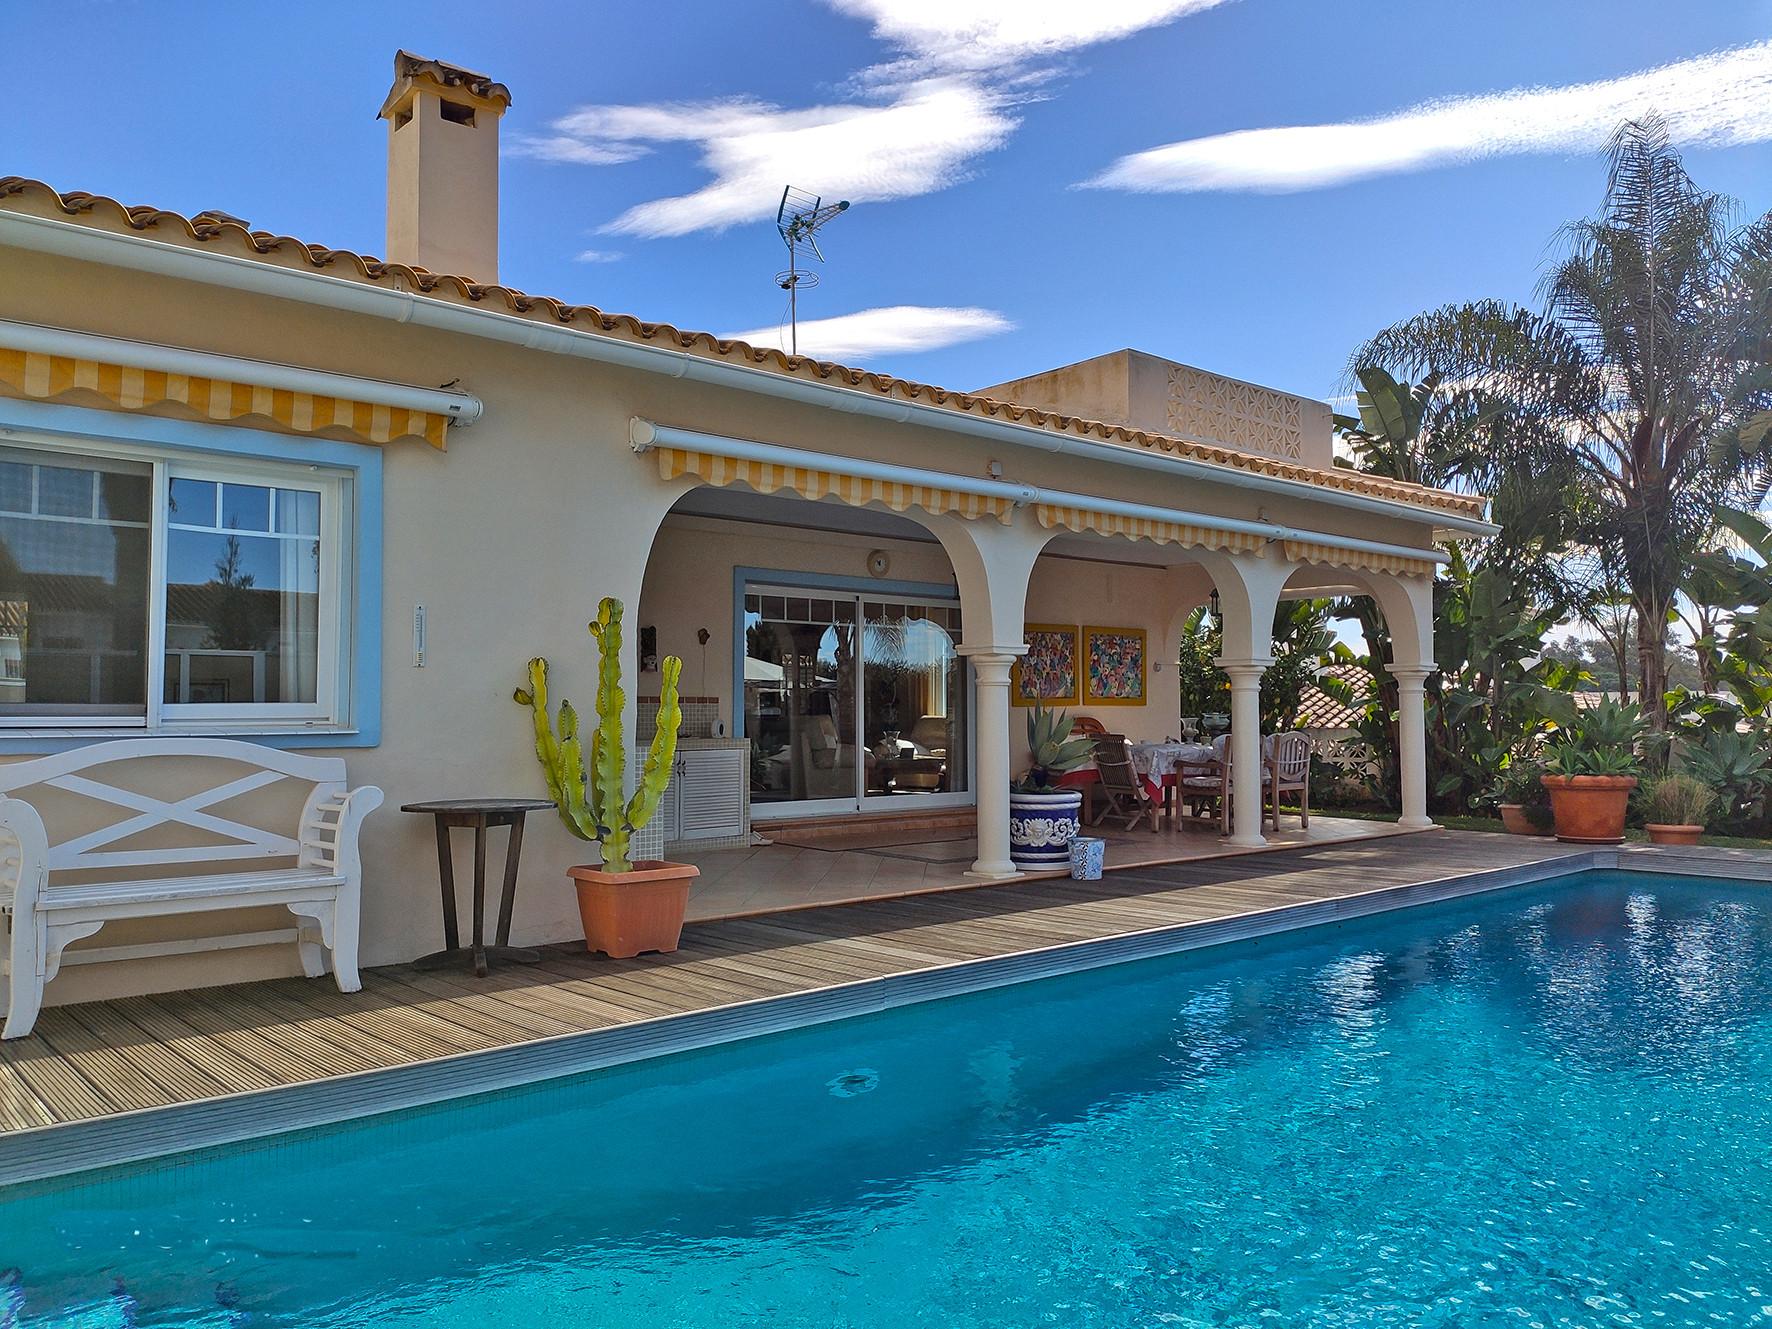 ARFV2143 - Idyllische, andalusische Villa zum Verkauf im Zentrum von Elviria in Marbella